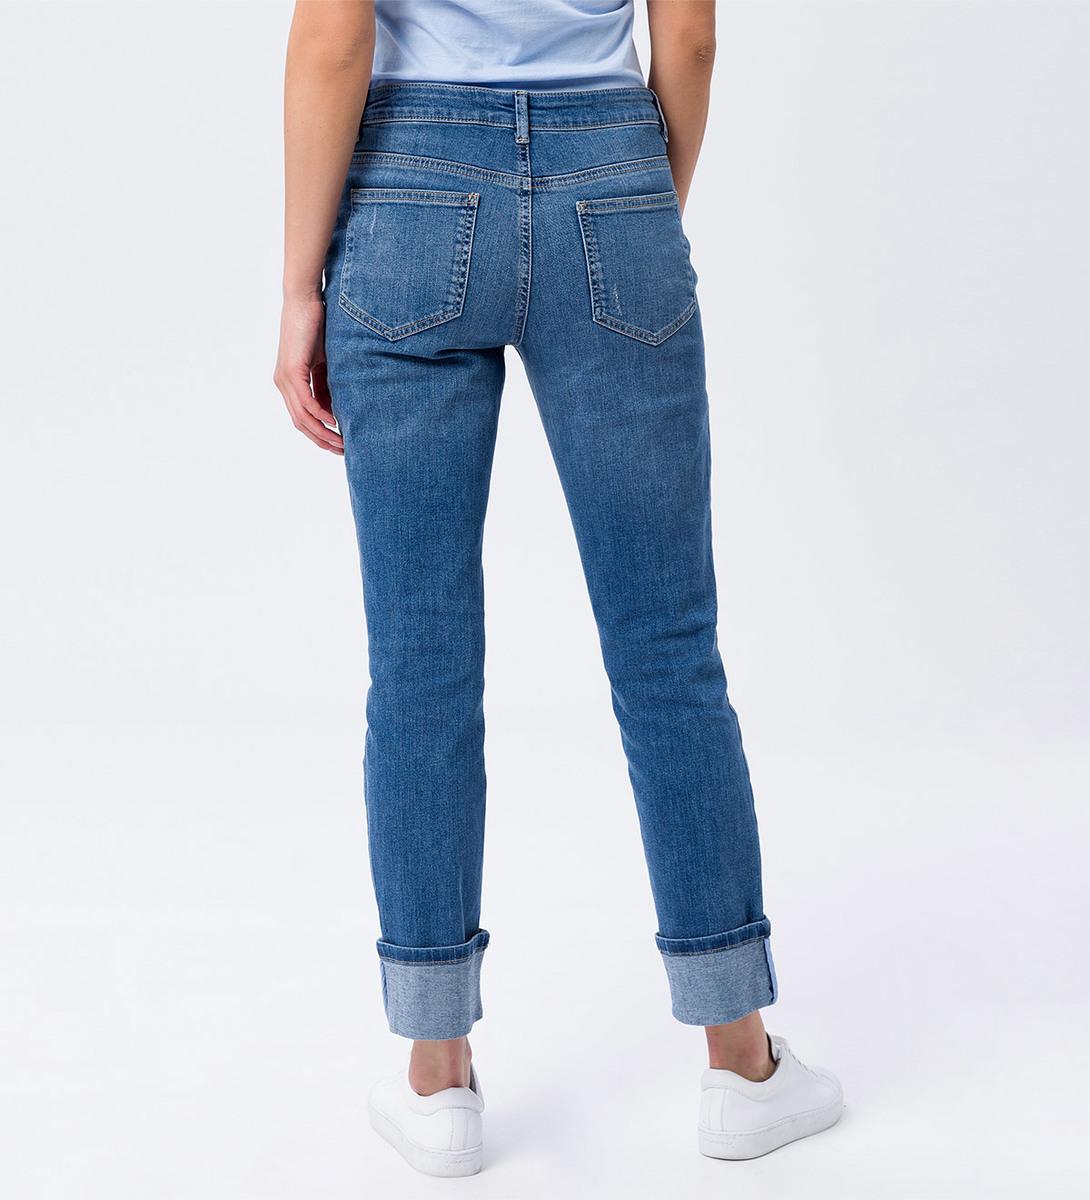 Jeans im Vintage-Look in blue denim